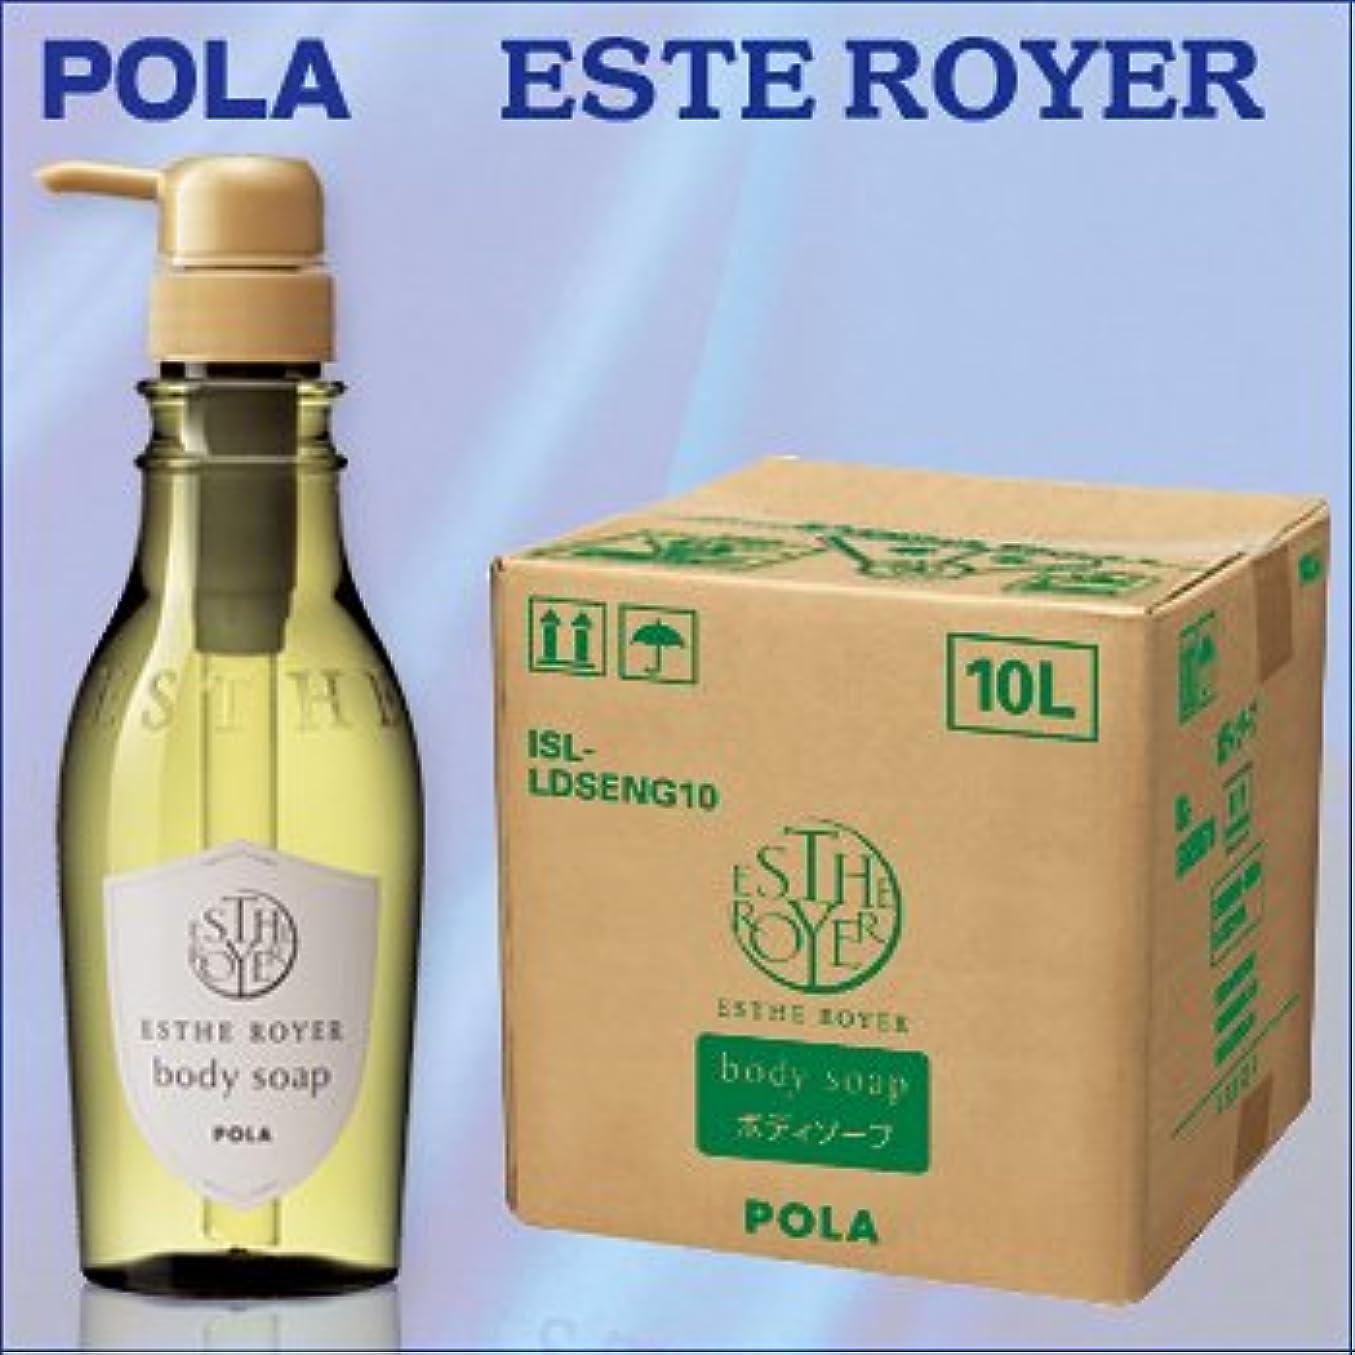 故国パイプ衝突POLA エステロワイエ 業務用 ボディソープ 10L